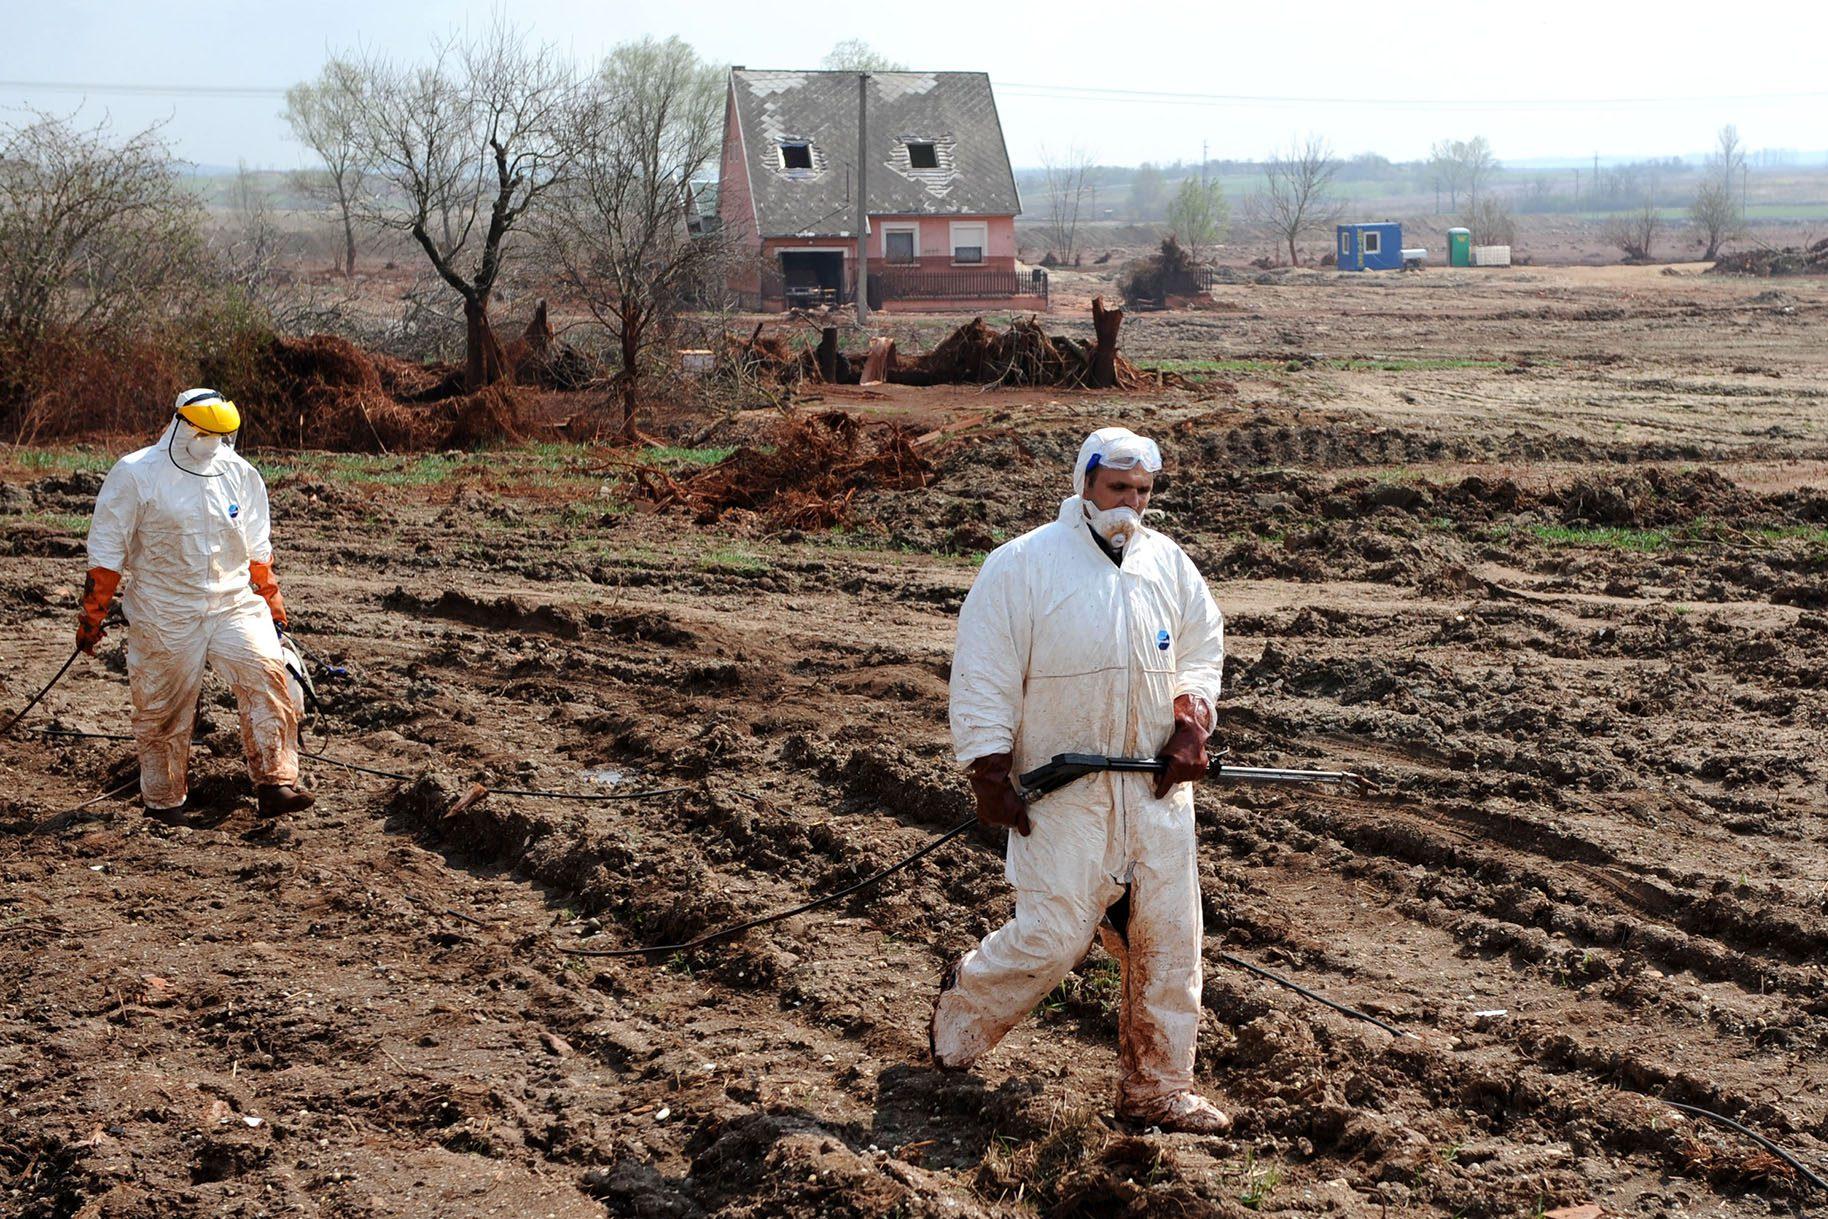 Ökozid im April 2011: das vom roten Industrieschlamm verseuchte Gelände im ungarischen Kolontár